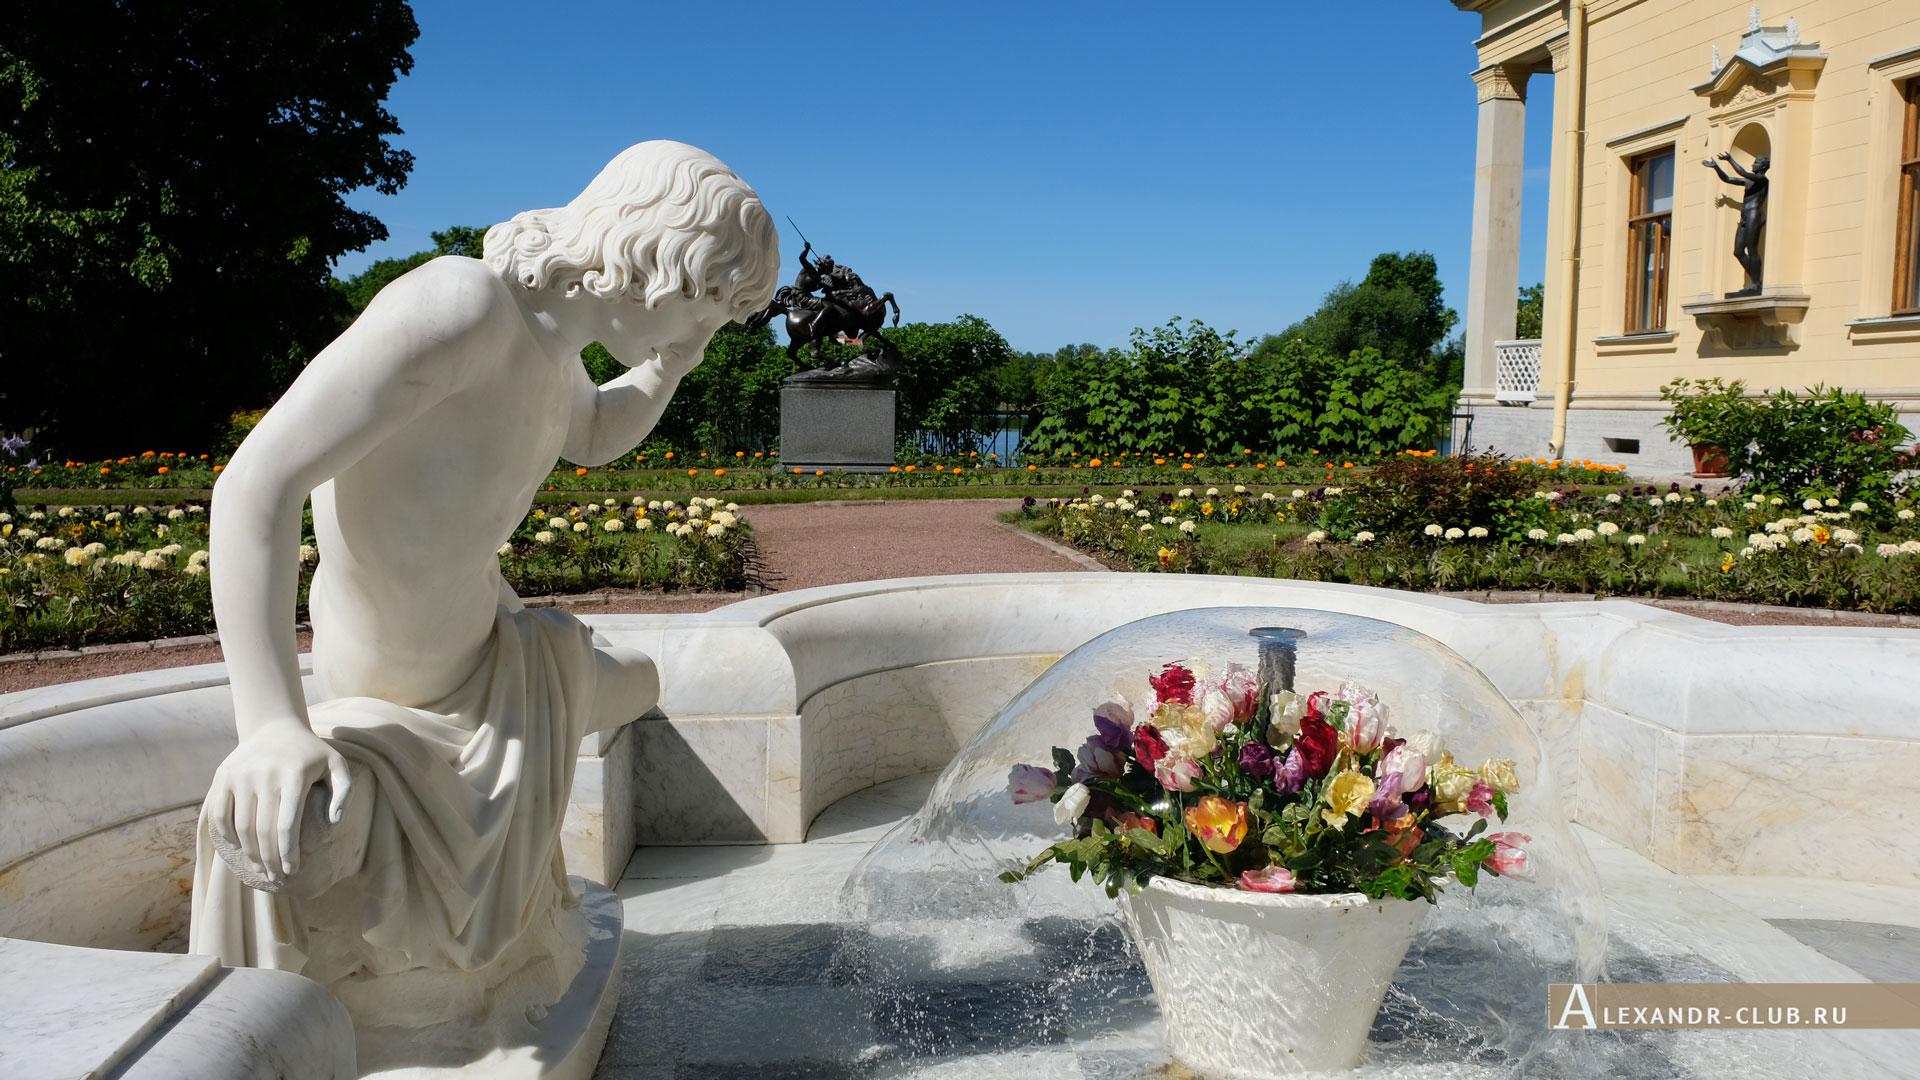 Петергоф, Колонистский парк, лето, Царицын павильон, фонтан «Нарцисс»